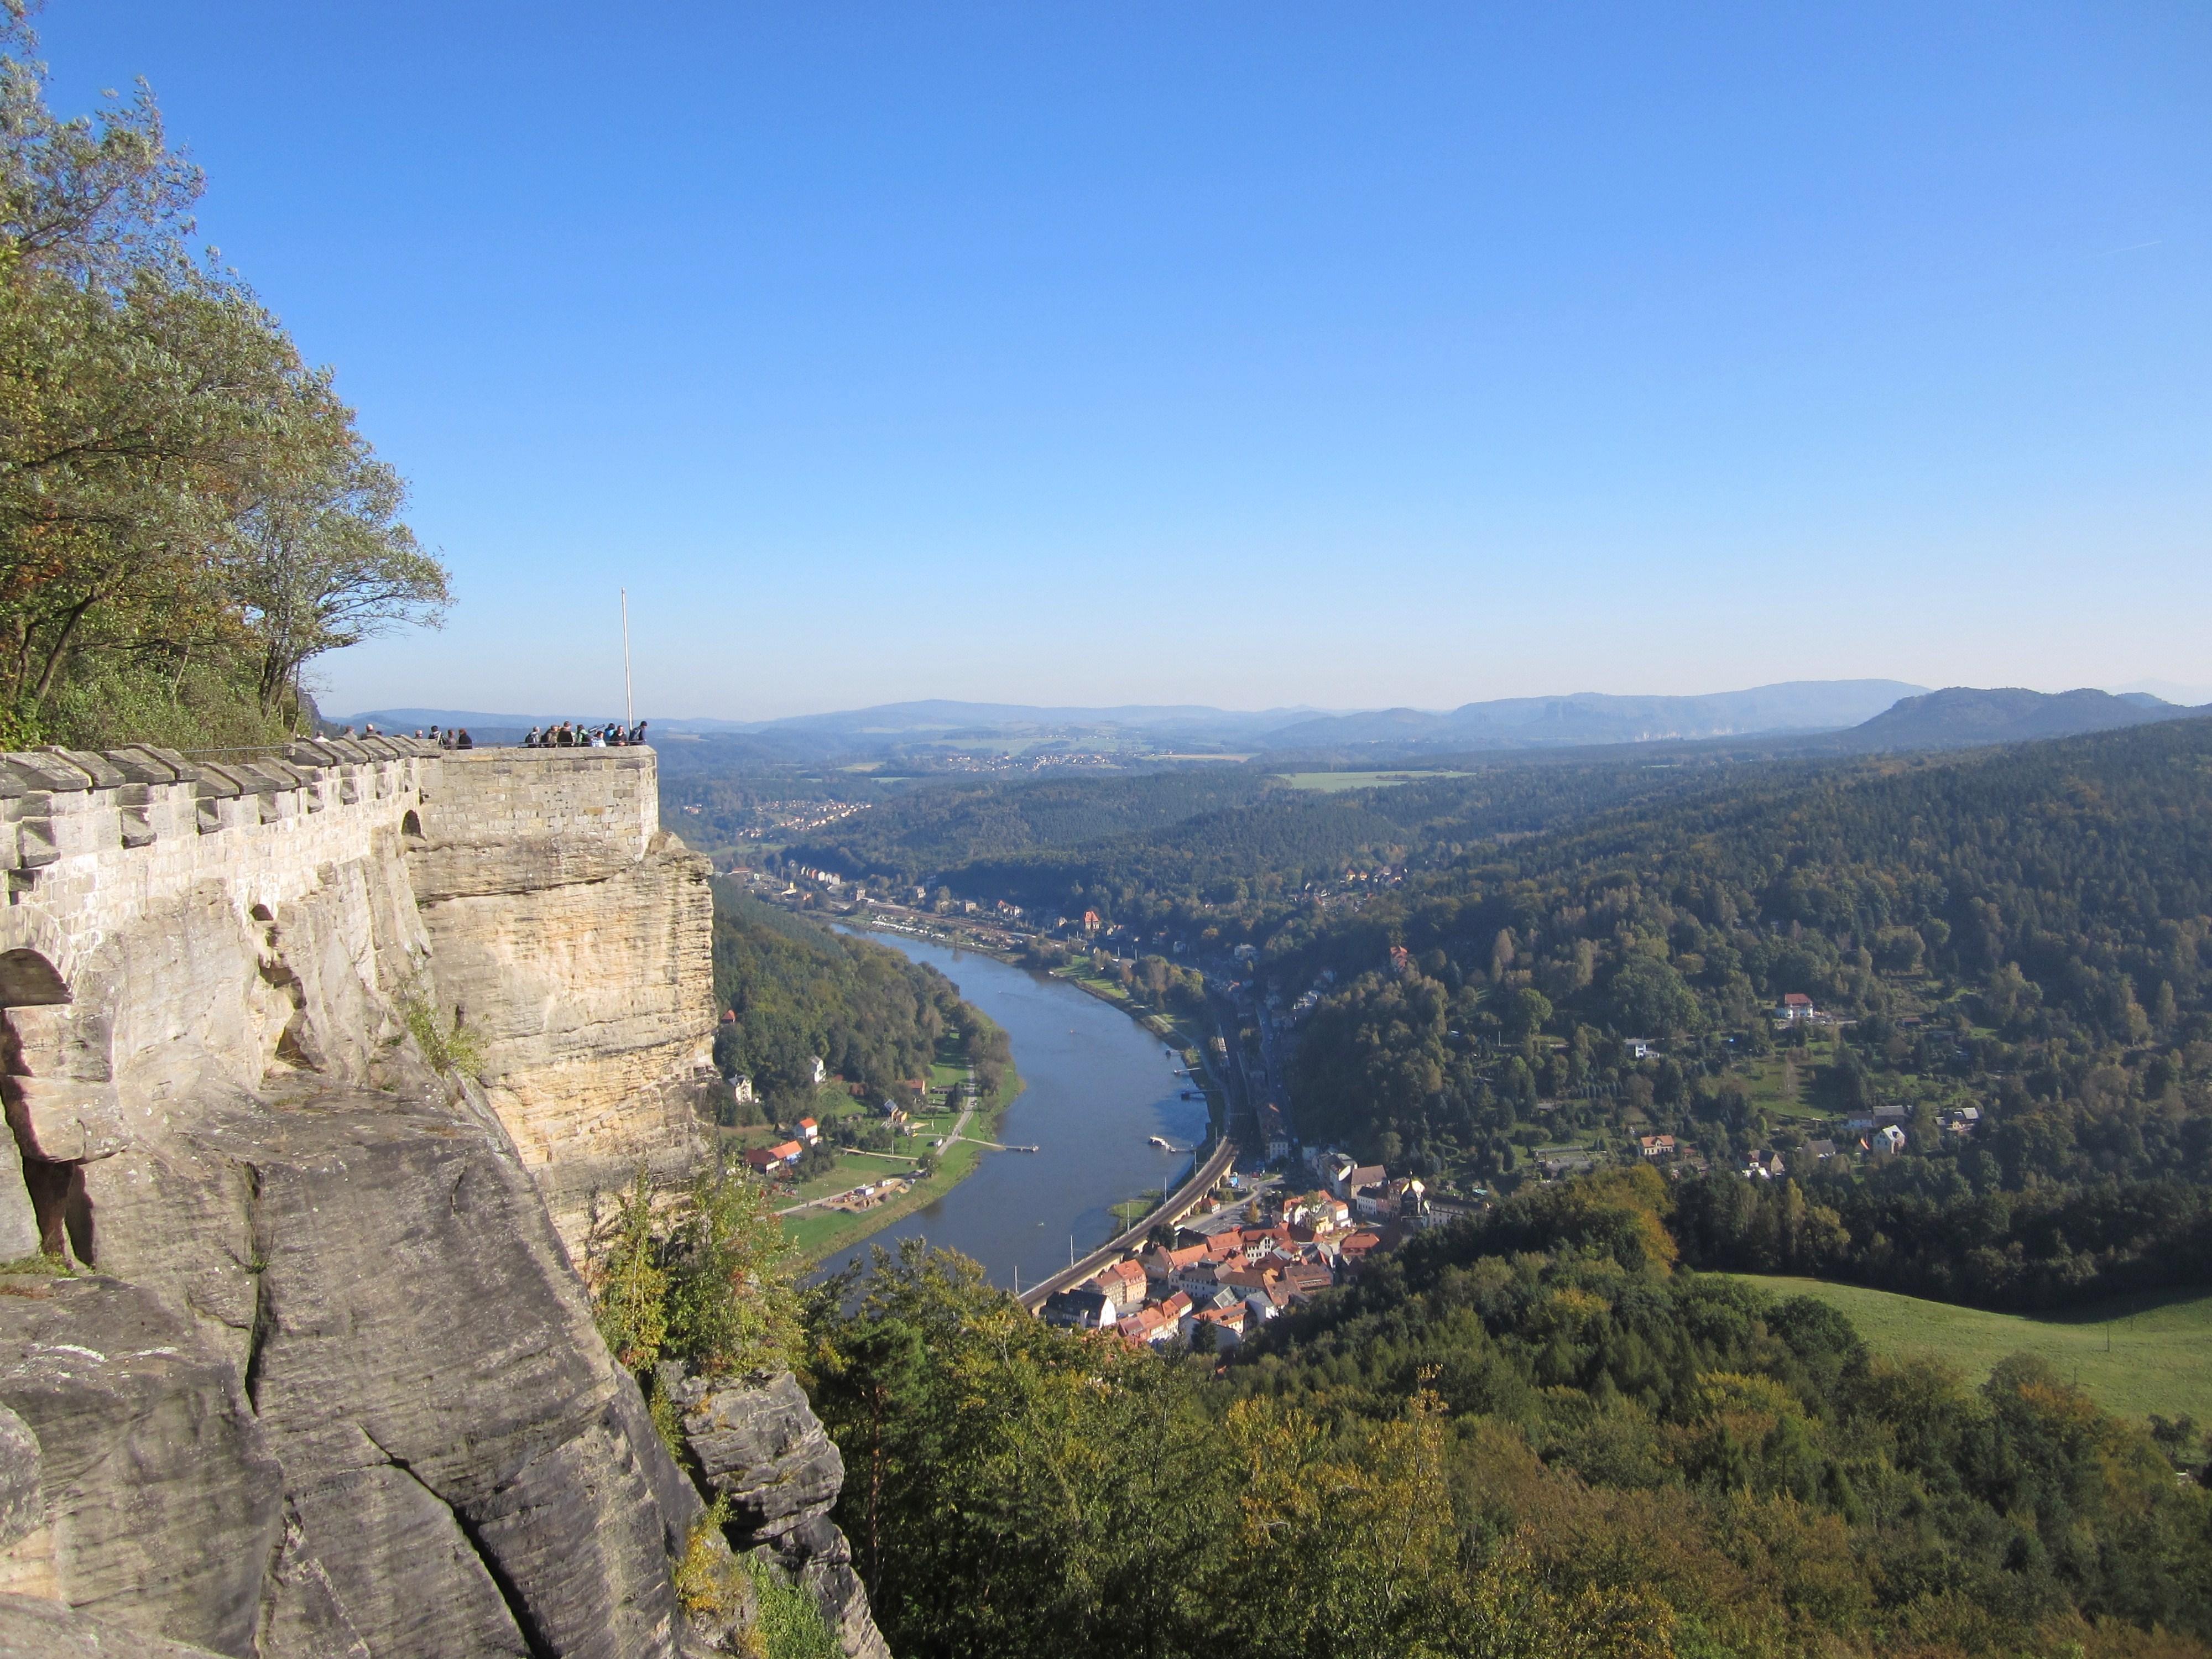 Blick auf Königstein von der Festung Königstein